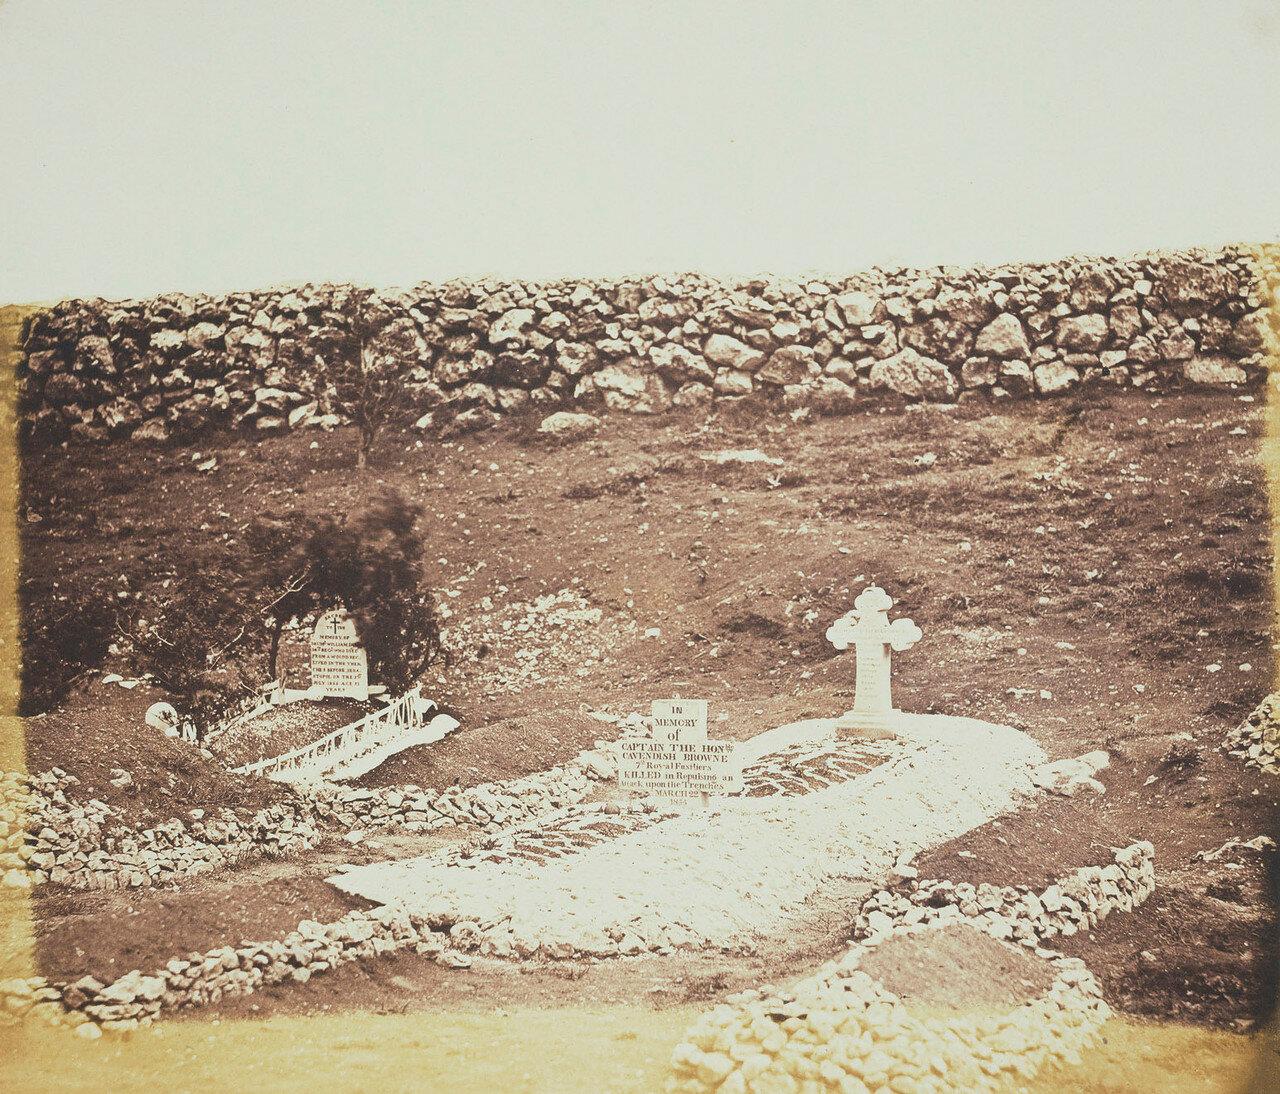 Могила капитана Кавендиша Брауна на кладбище легкой пехотной дивизии в районе Севастополя